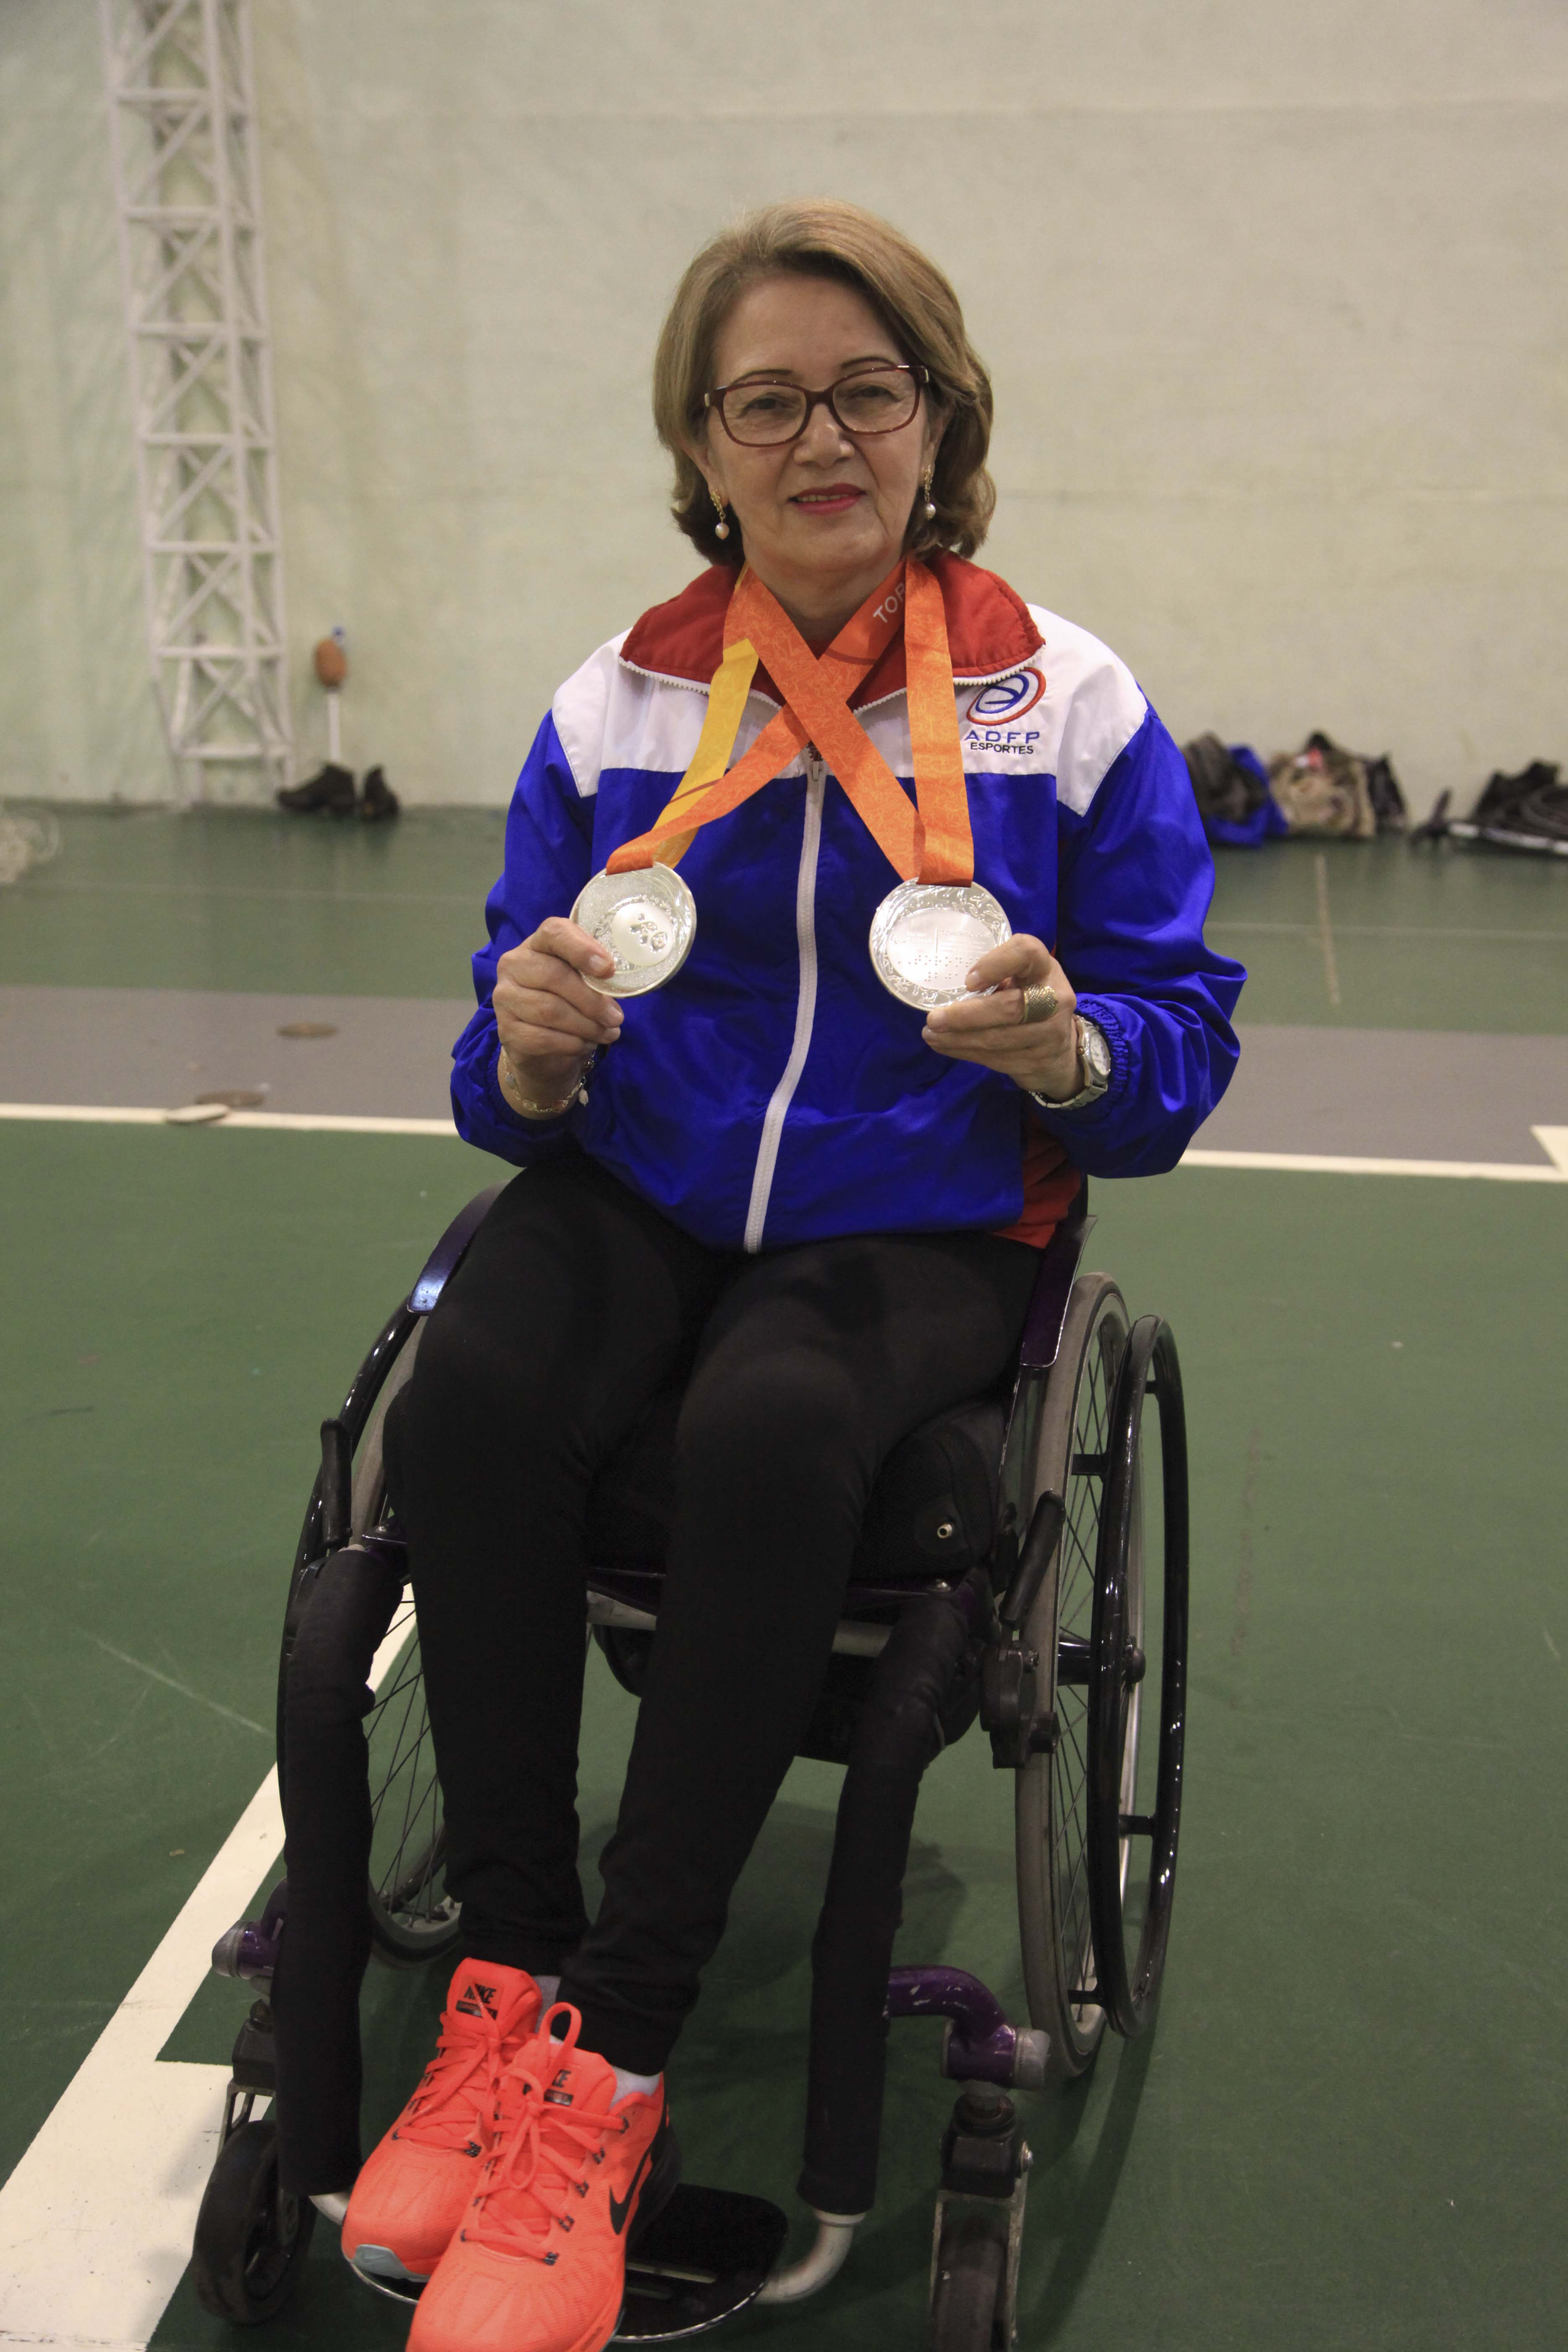 Maria Luísa trouxe duas medalhas de prata para o Brasil, conquistas nos Jogos Parapan-Americanos de 2015.